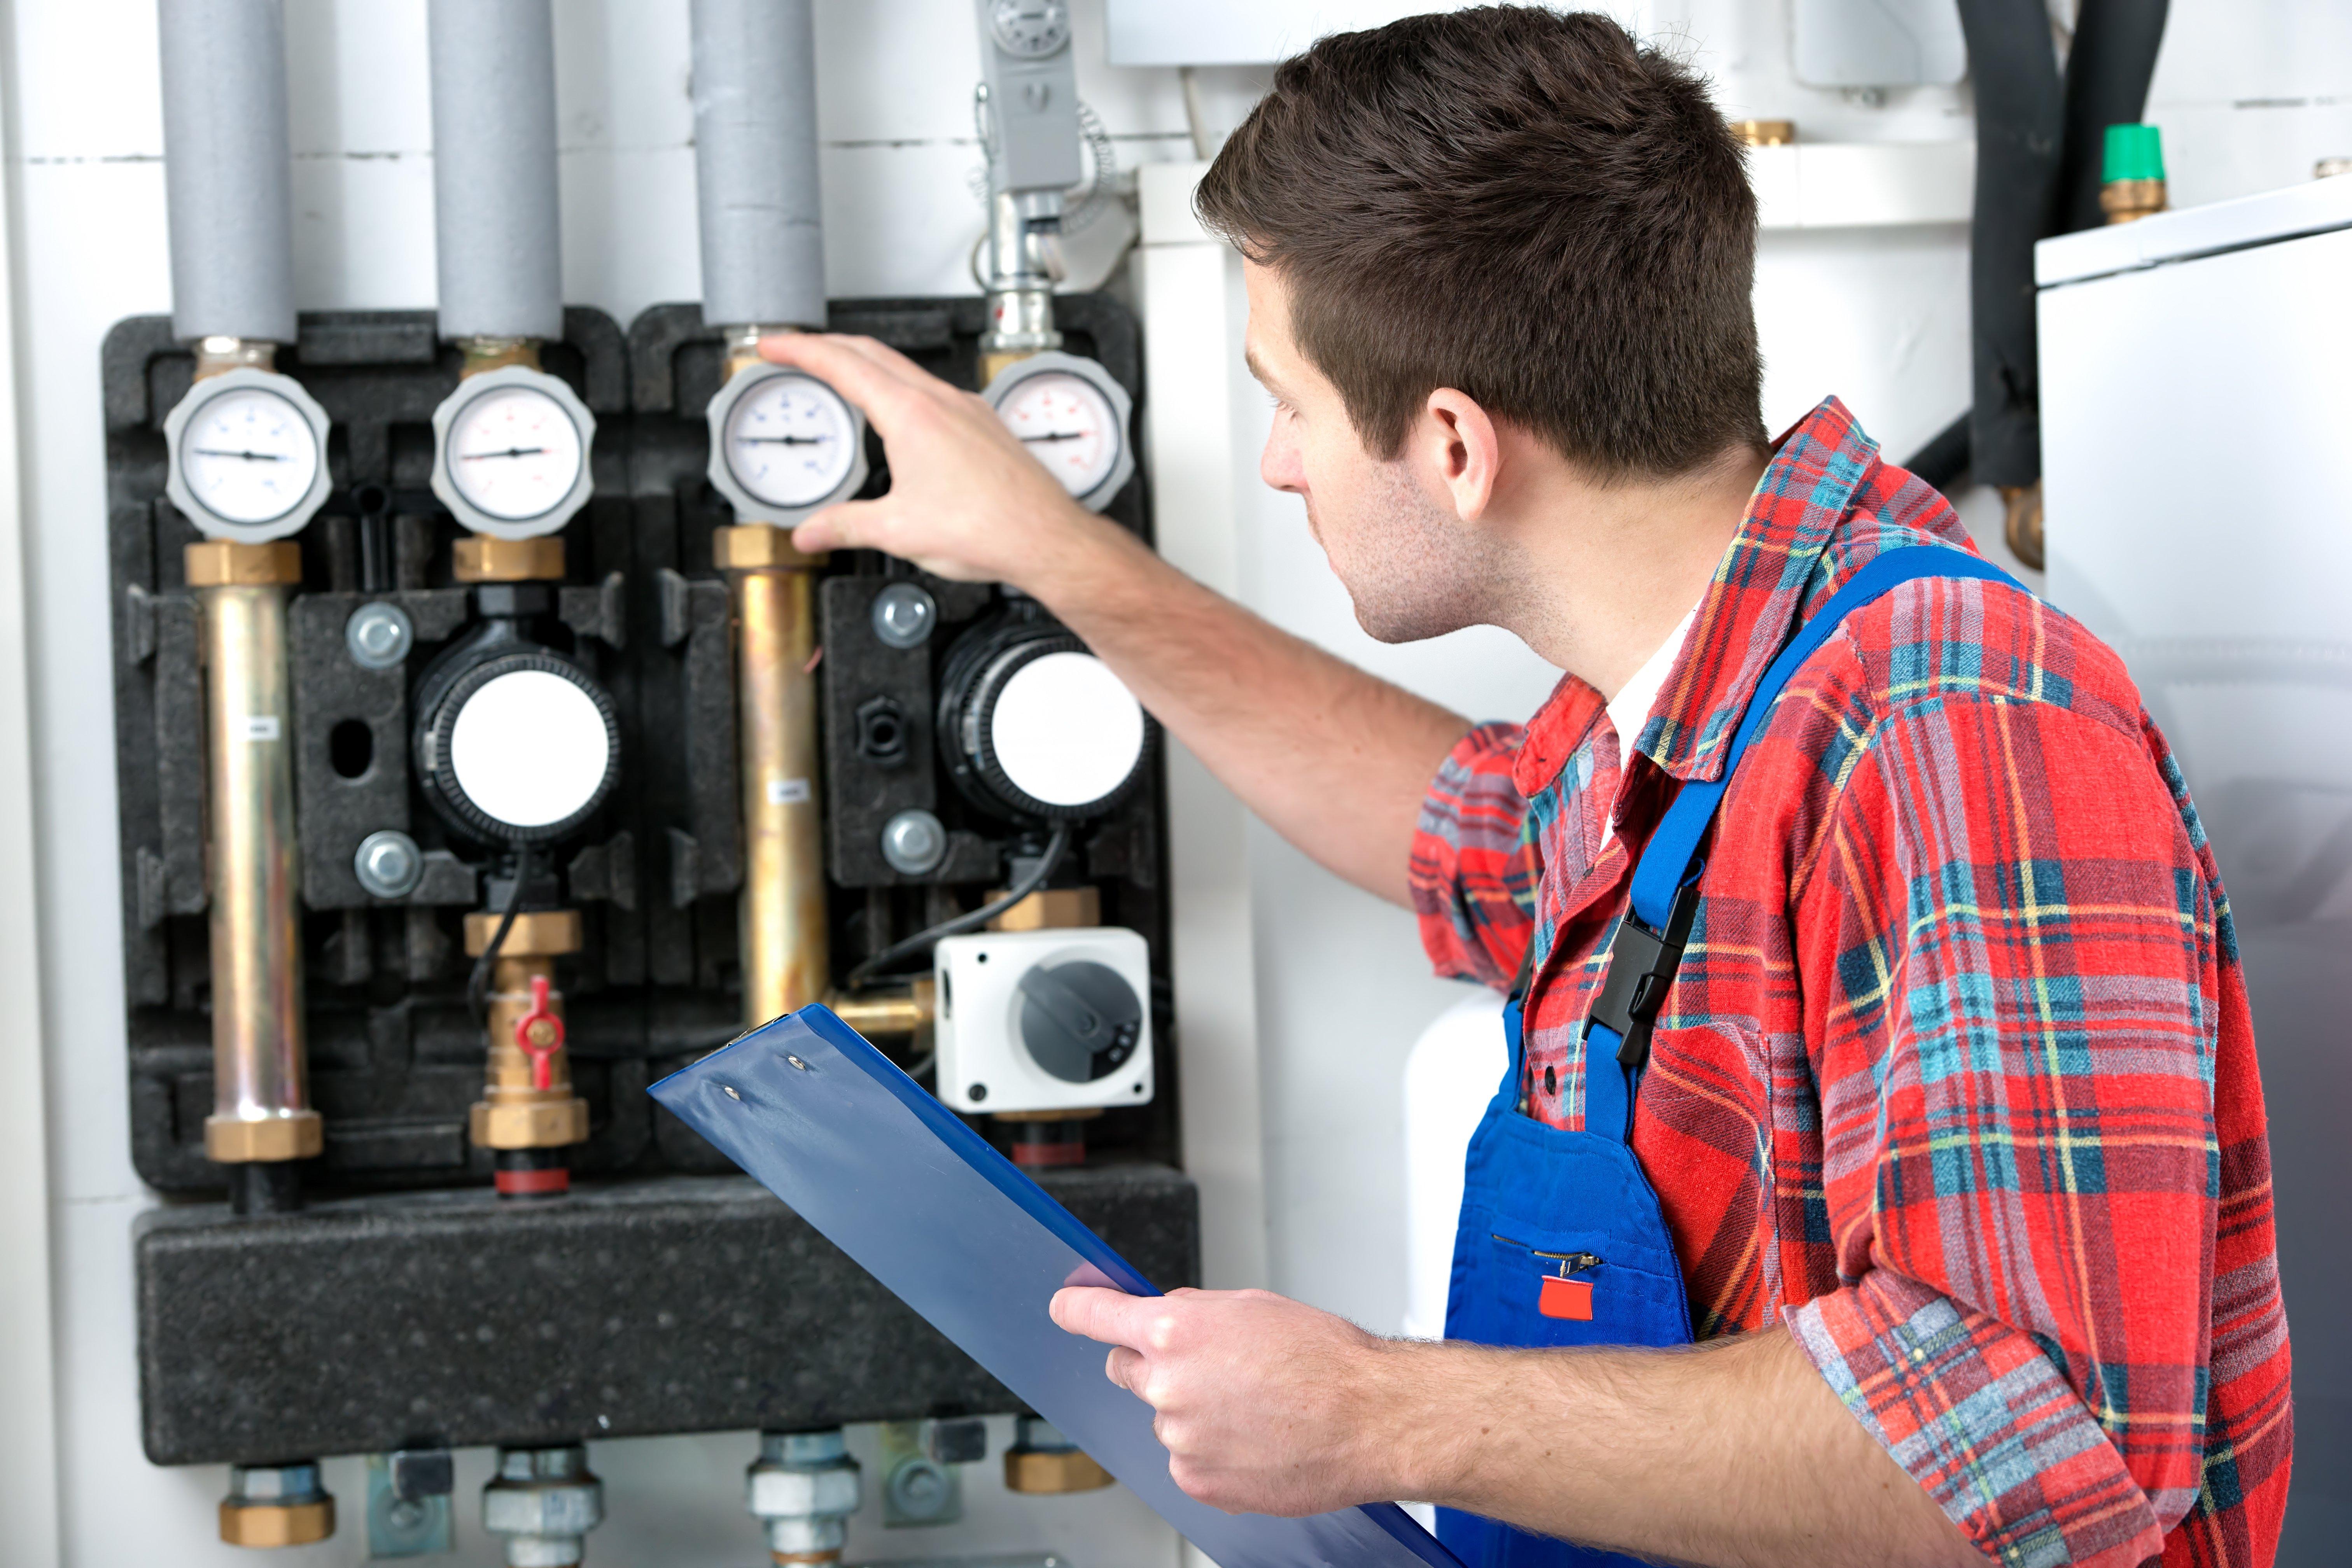 controllo impianto di riscaldamento